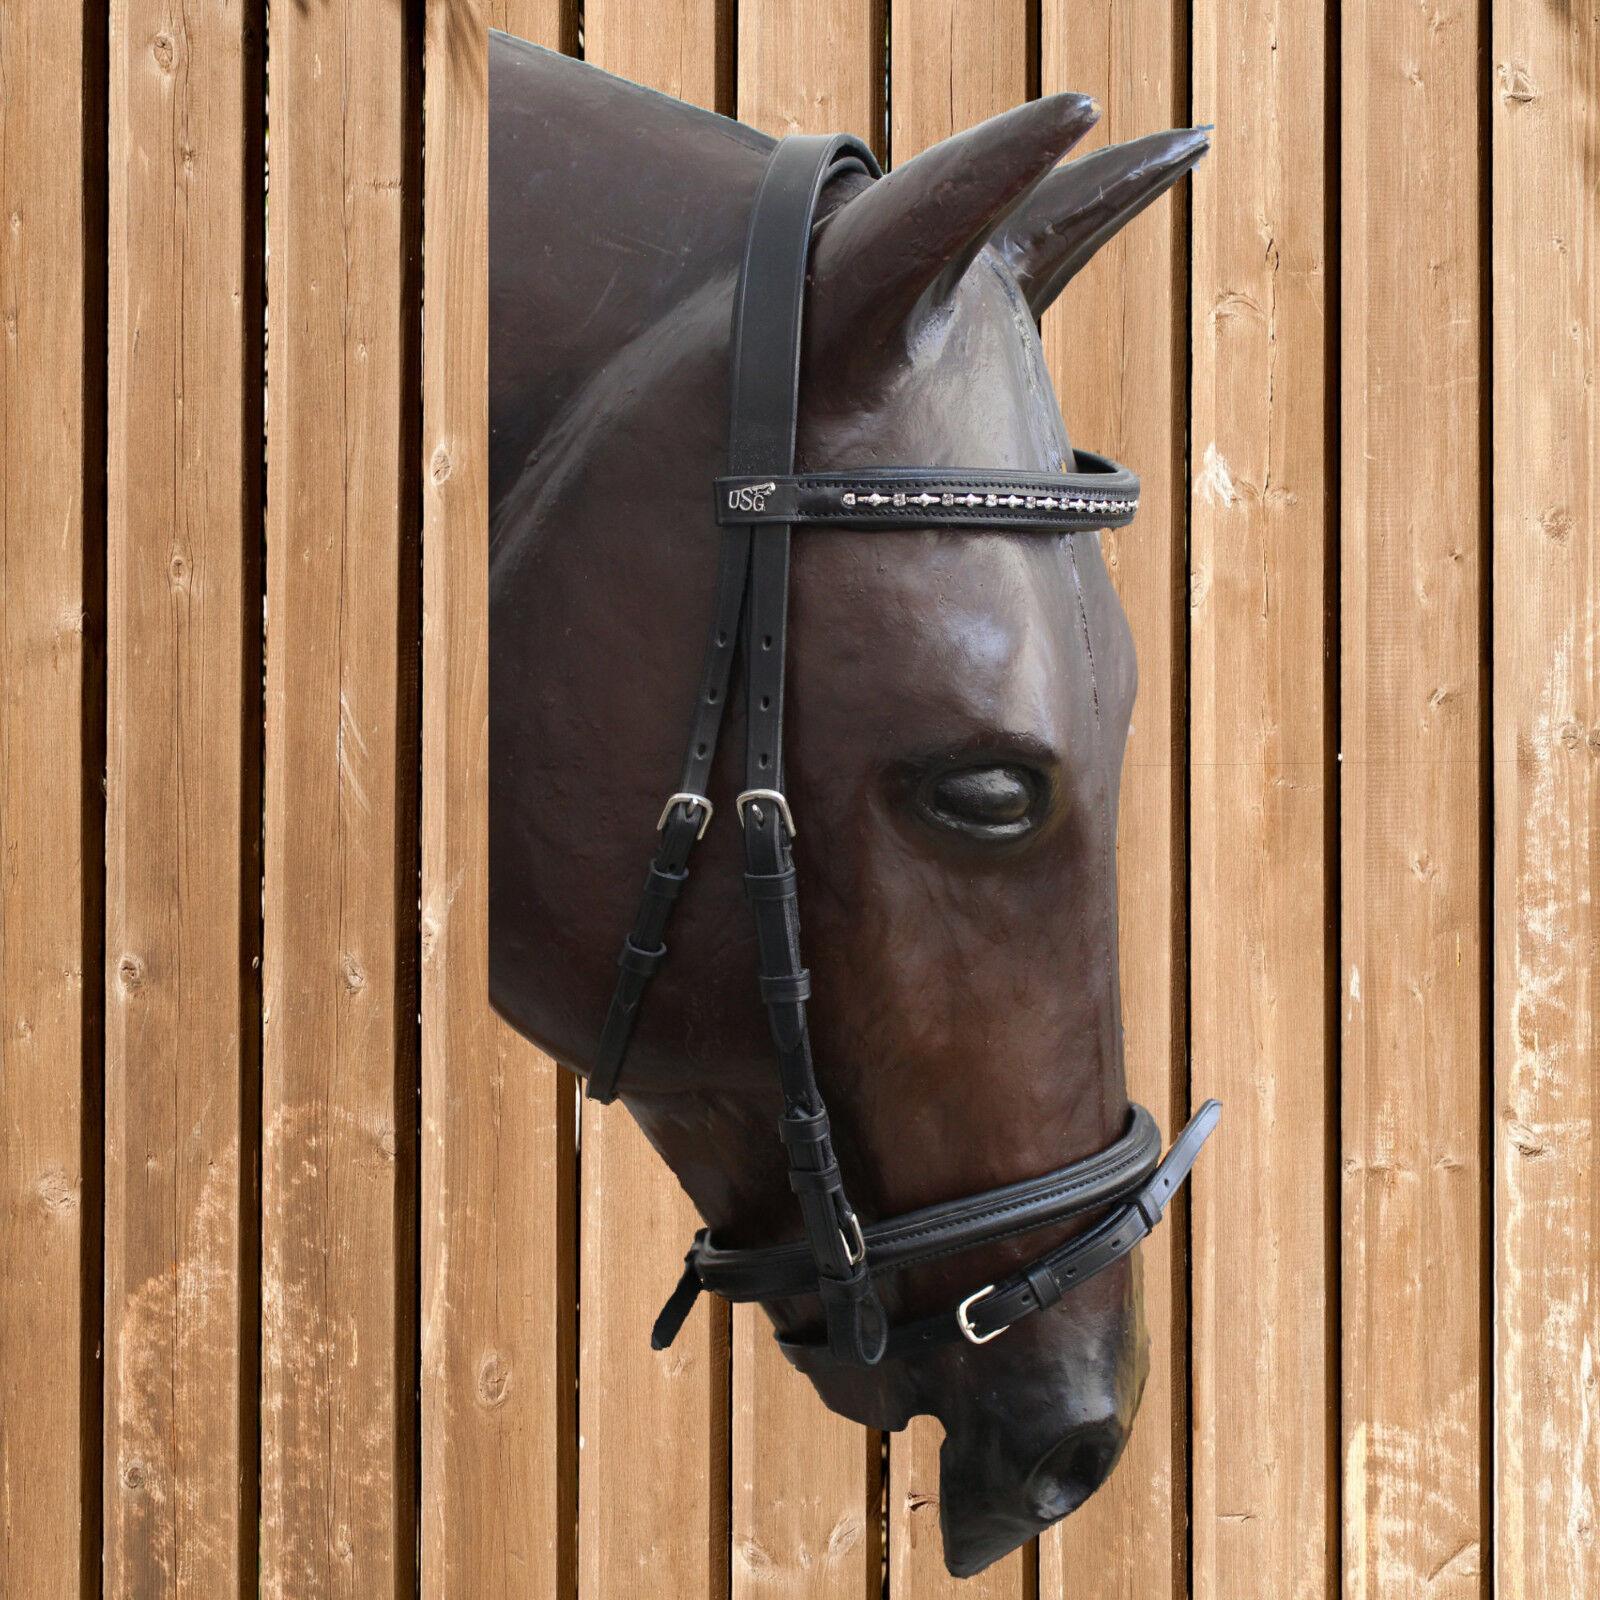 USG Pony Trense Strass, Ponytrense, Strass, Pony Trensenzaum, Pony Zaum, schwarz